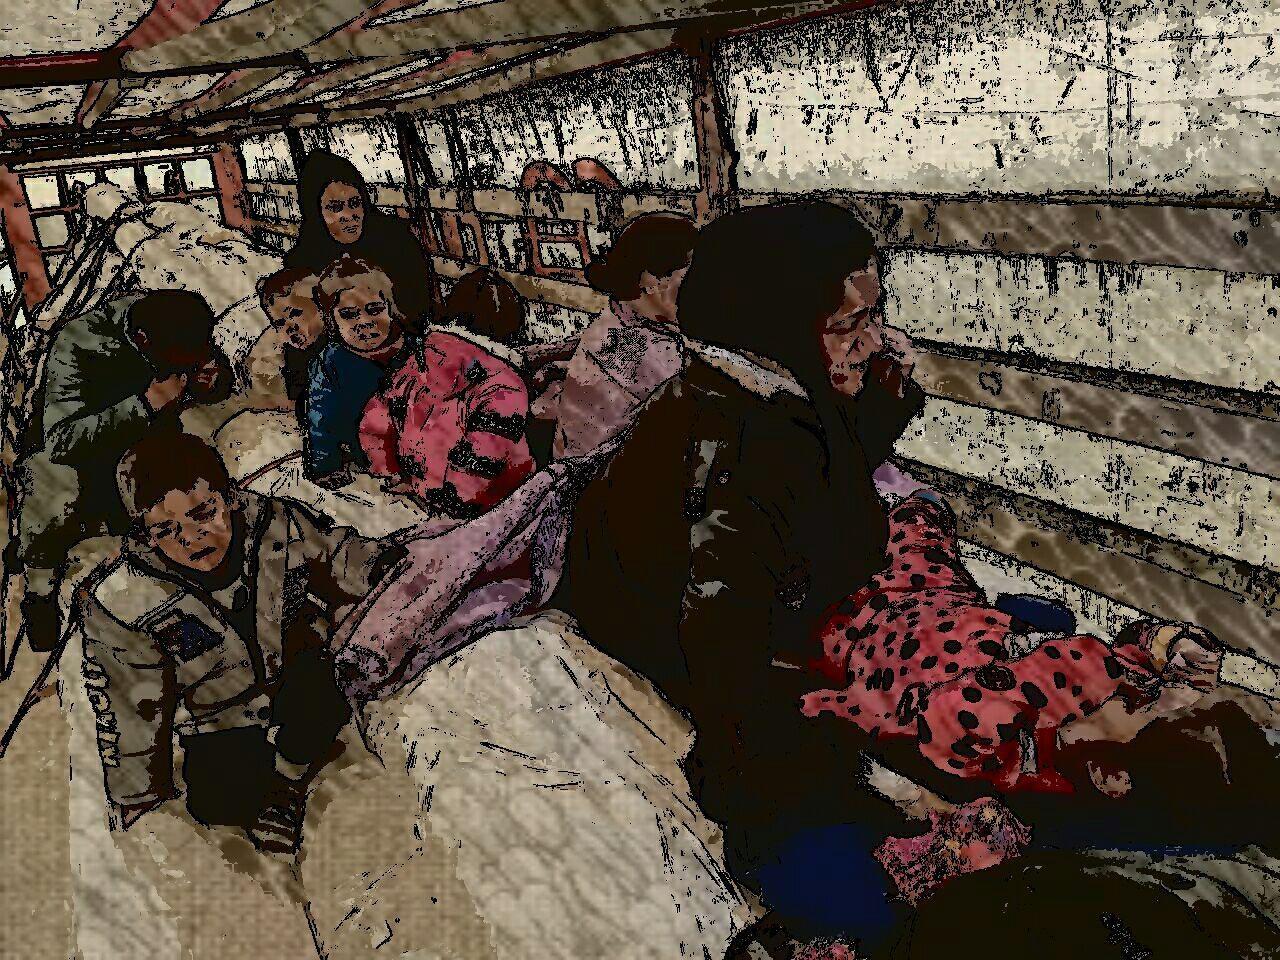 کشف محموله قاچاق کودک توسط ماموران گمرک در مرز بازرگان